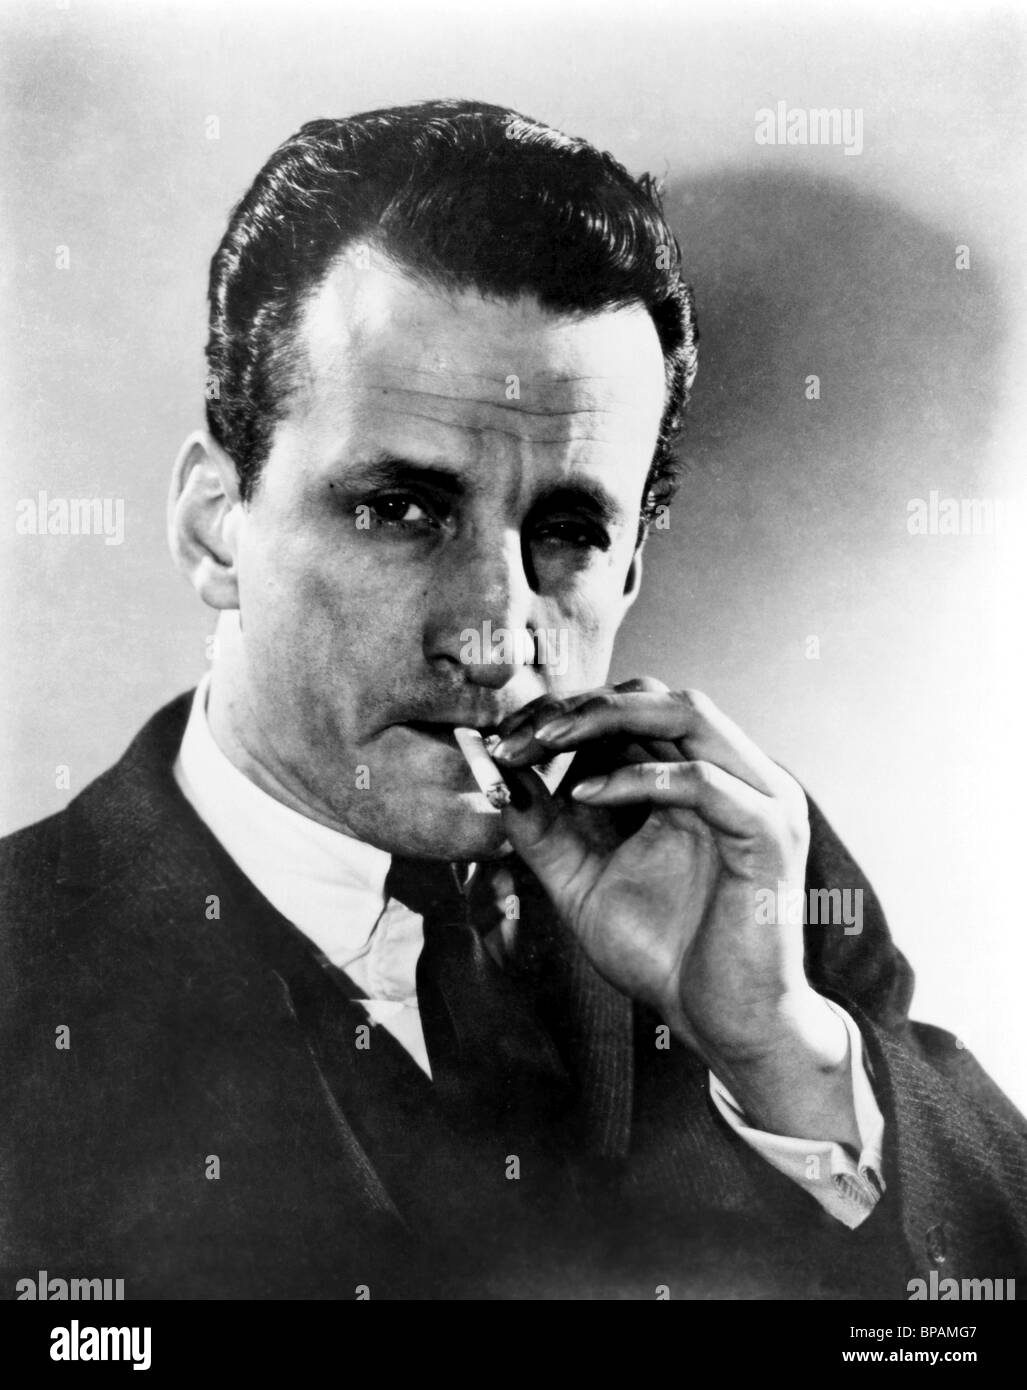 GEORGE C. Scott Anatomía de un Asesinato (1959 Foto & Imagen De ...